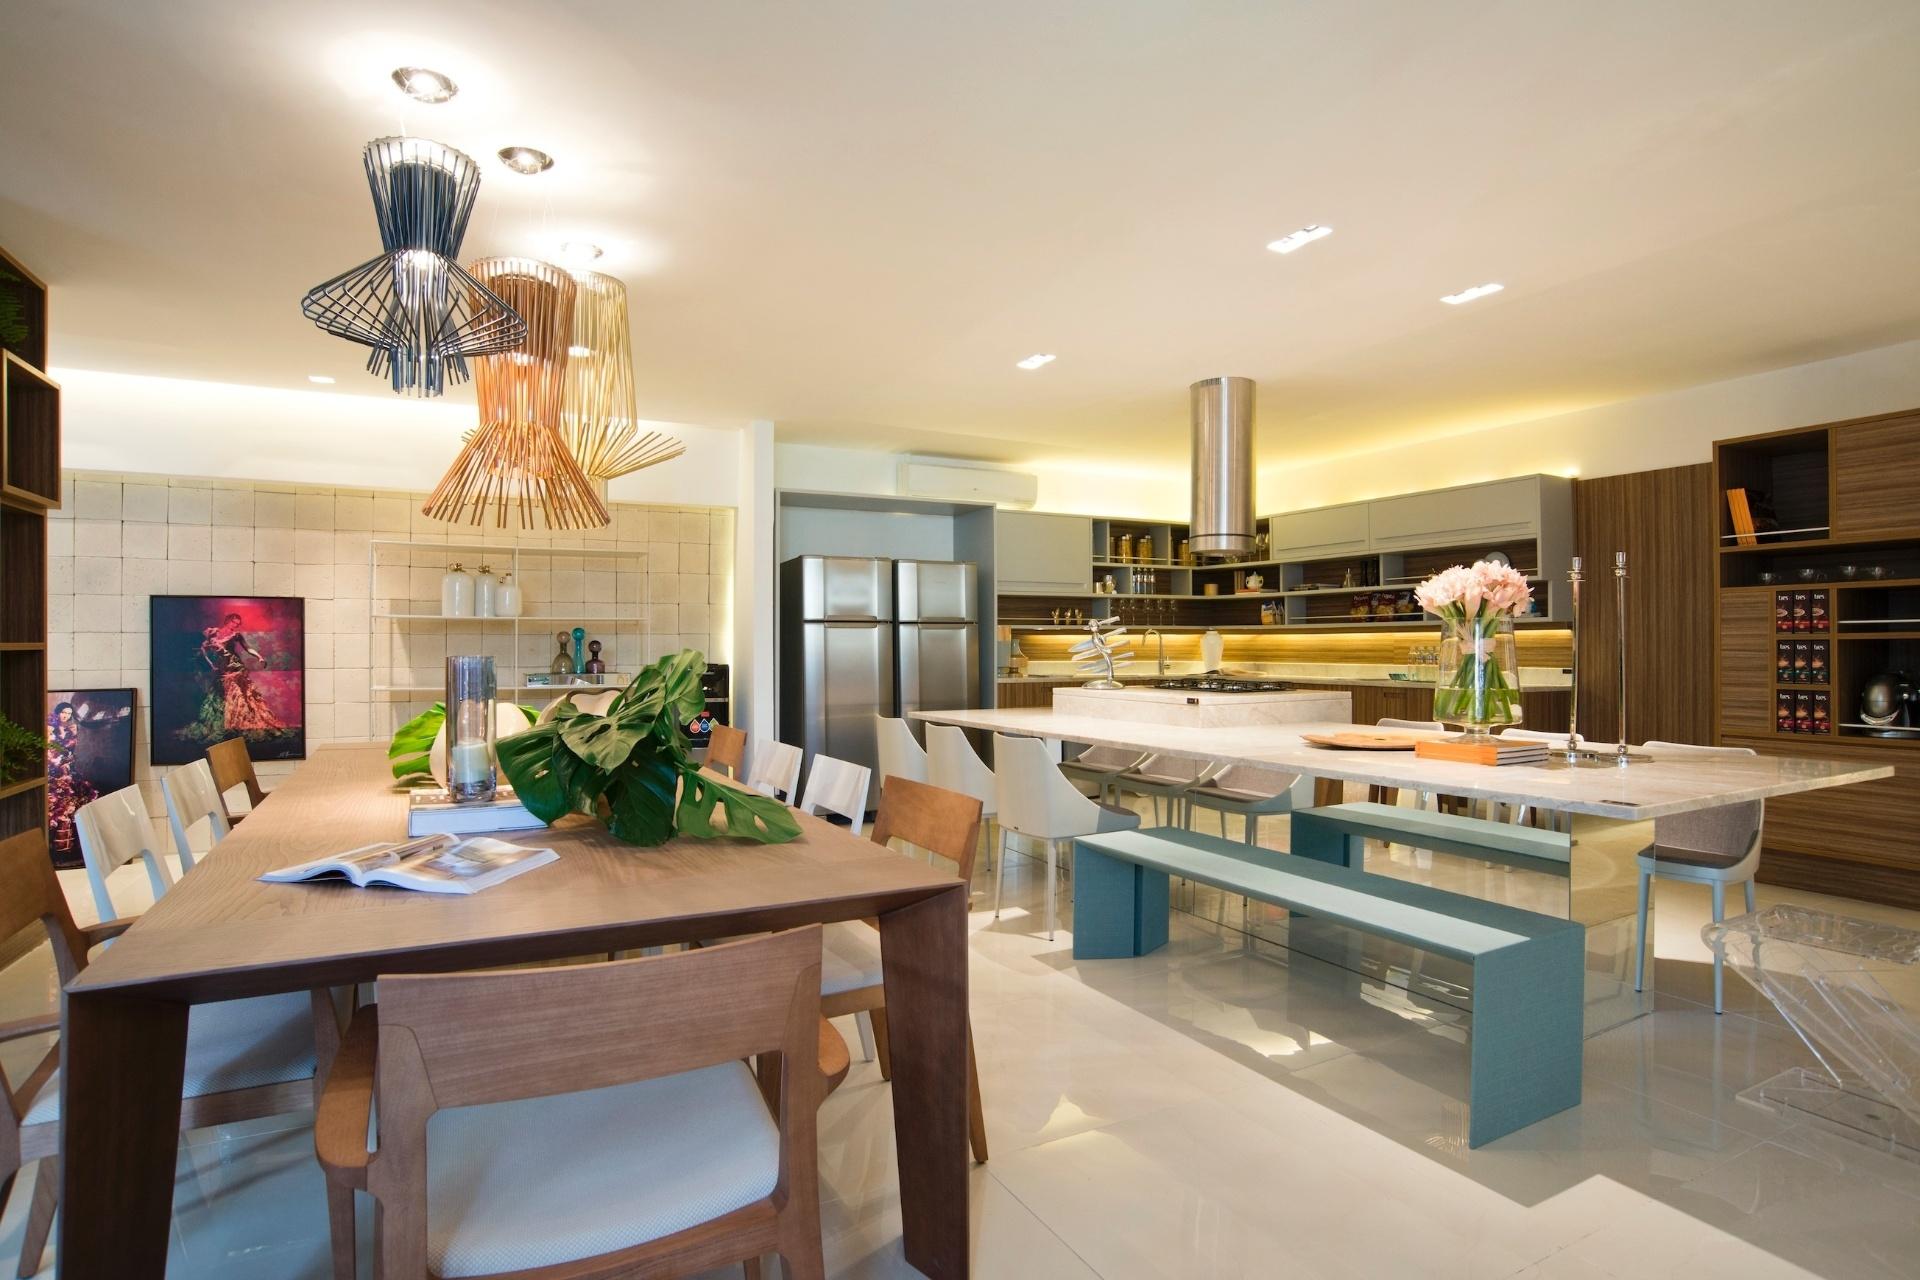 tem cozinha e sala de jantar completamente integradas. A marcenaria e  #9B6B30 1920 1280